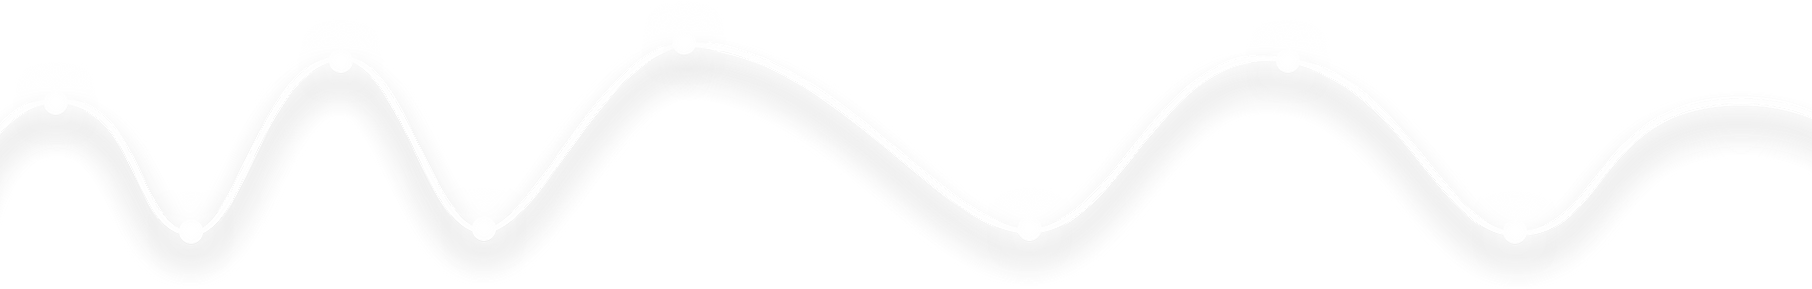 Slider-3-1.png